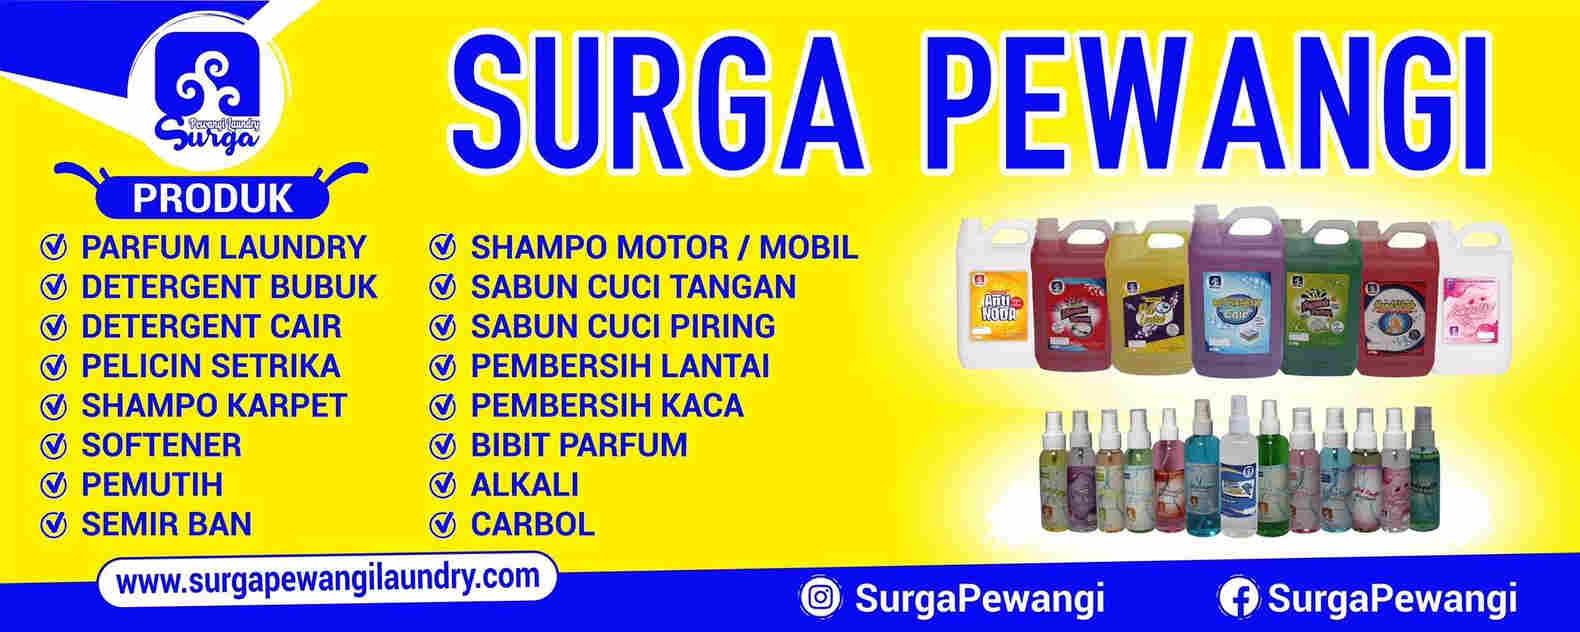 Produsen Parfum Laundry & Kimia By: Surga Pewangi Laundry